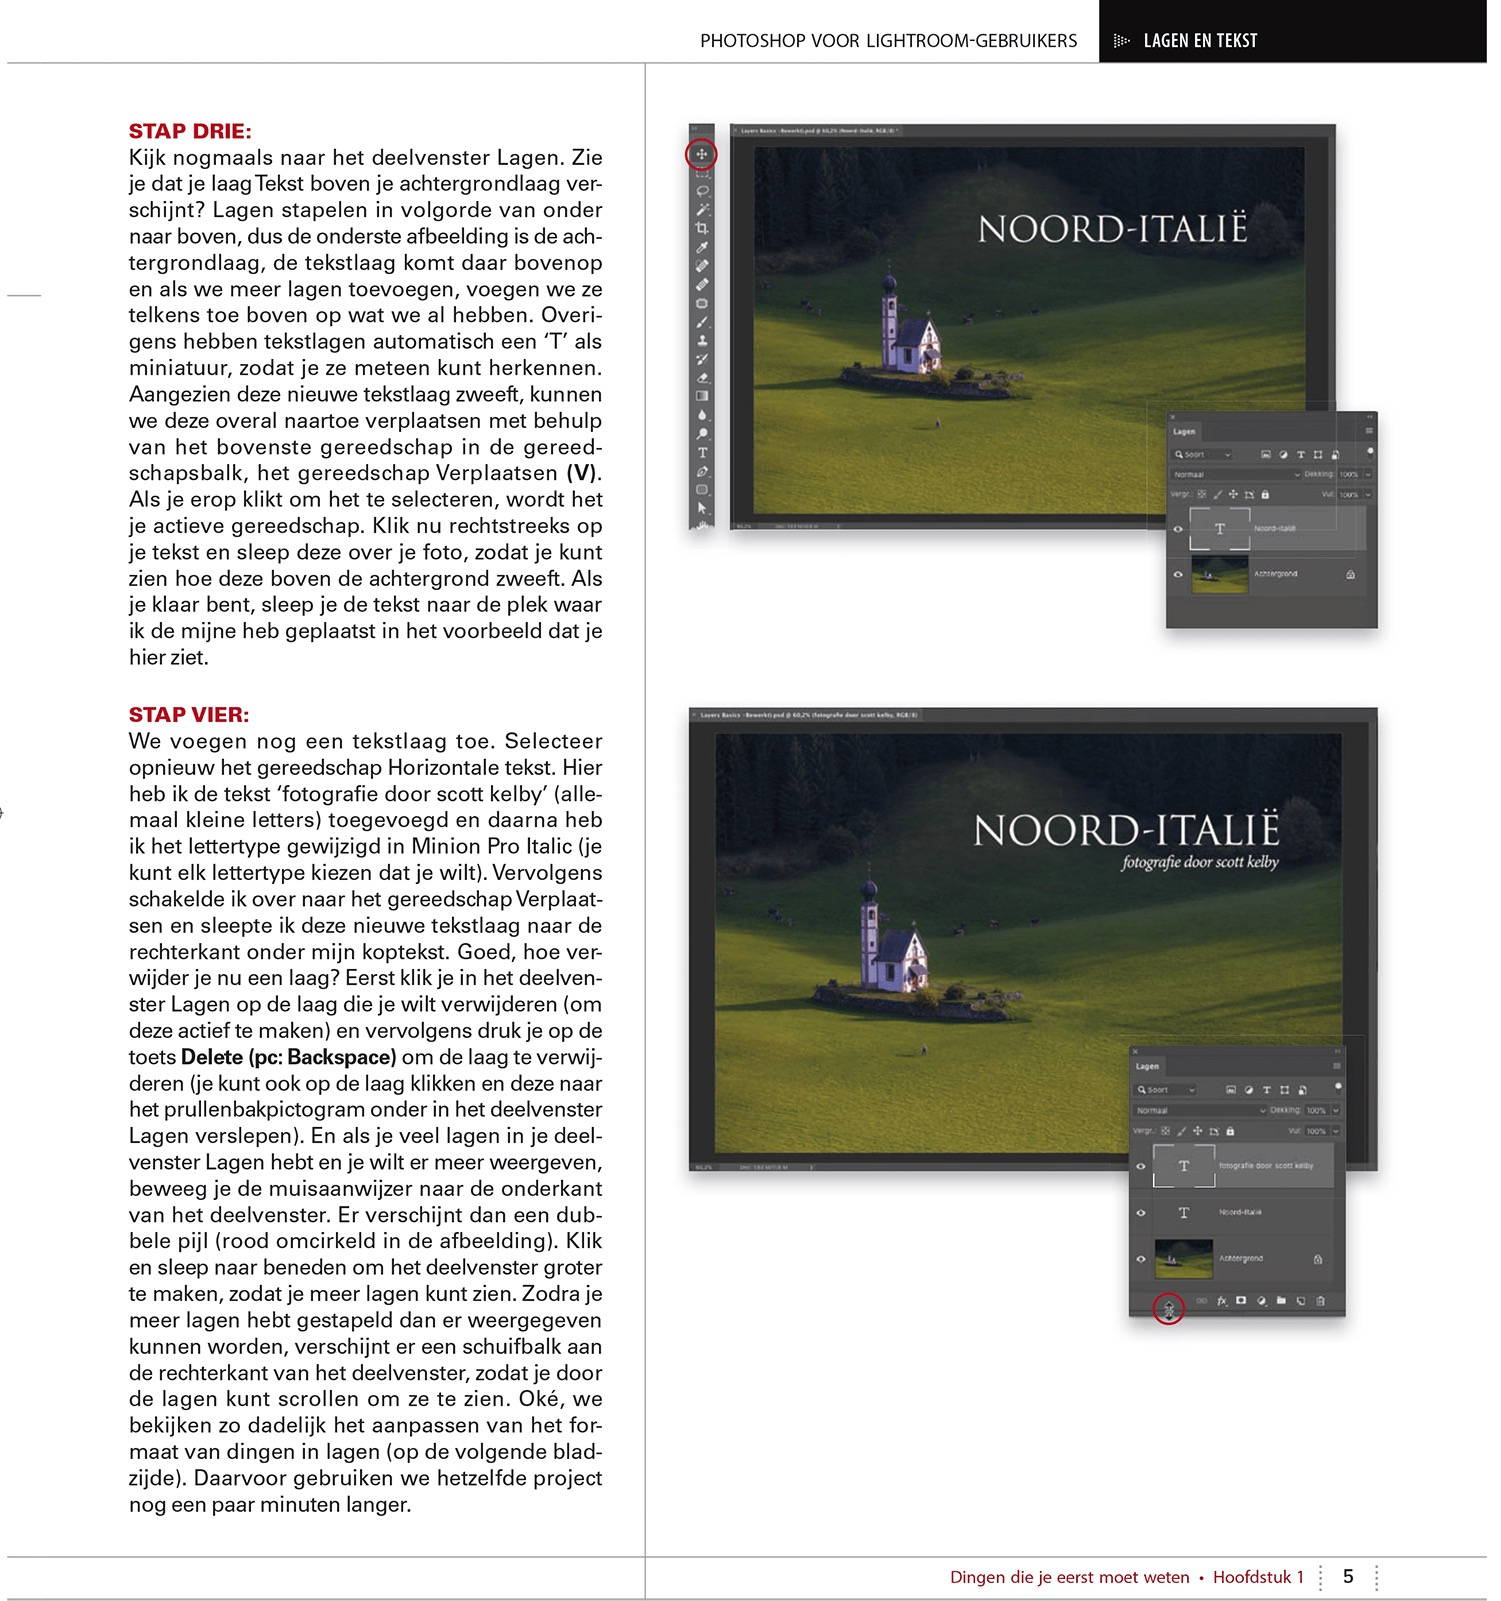 foto uit binnenwerk van het boek Photoshop voor Lightroom-gebruikers van Scott Kelby